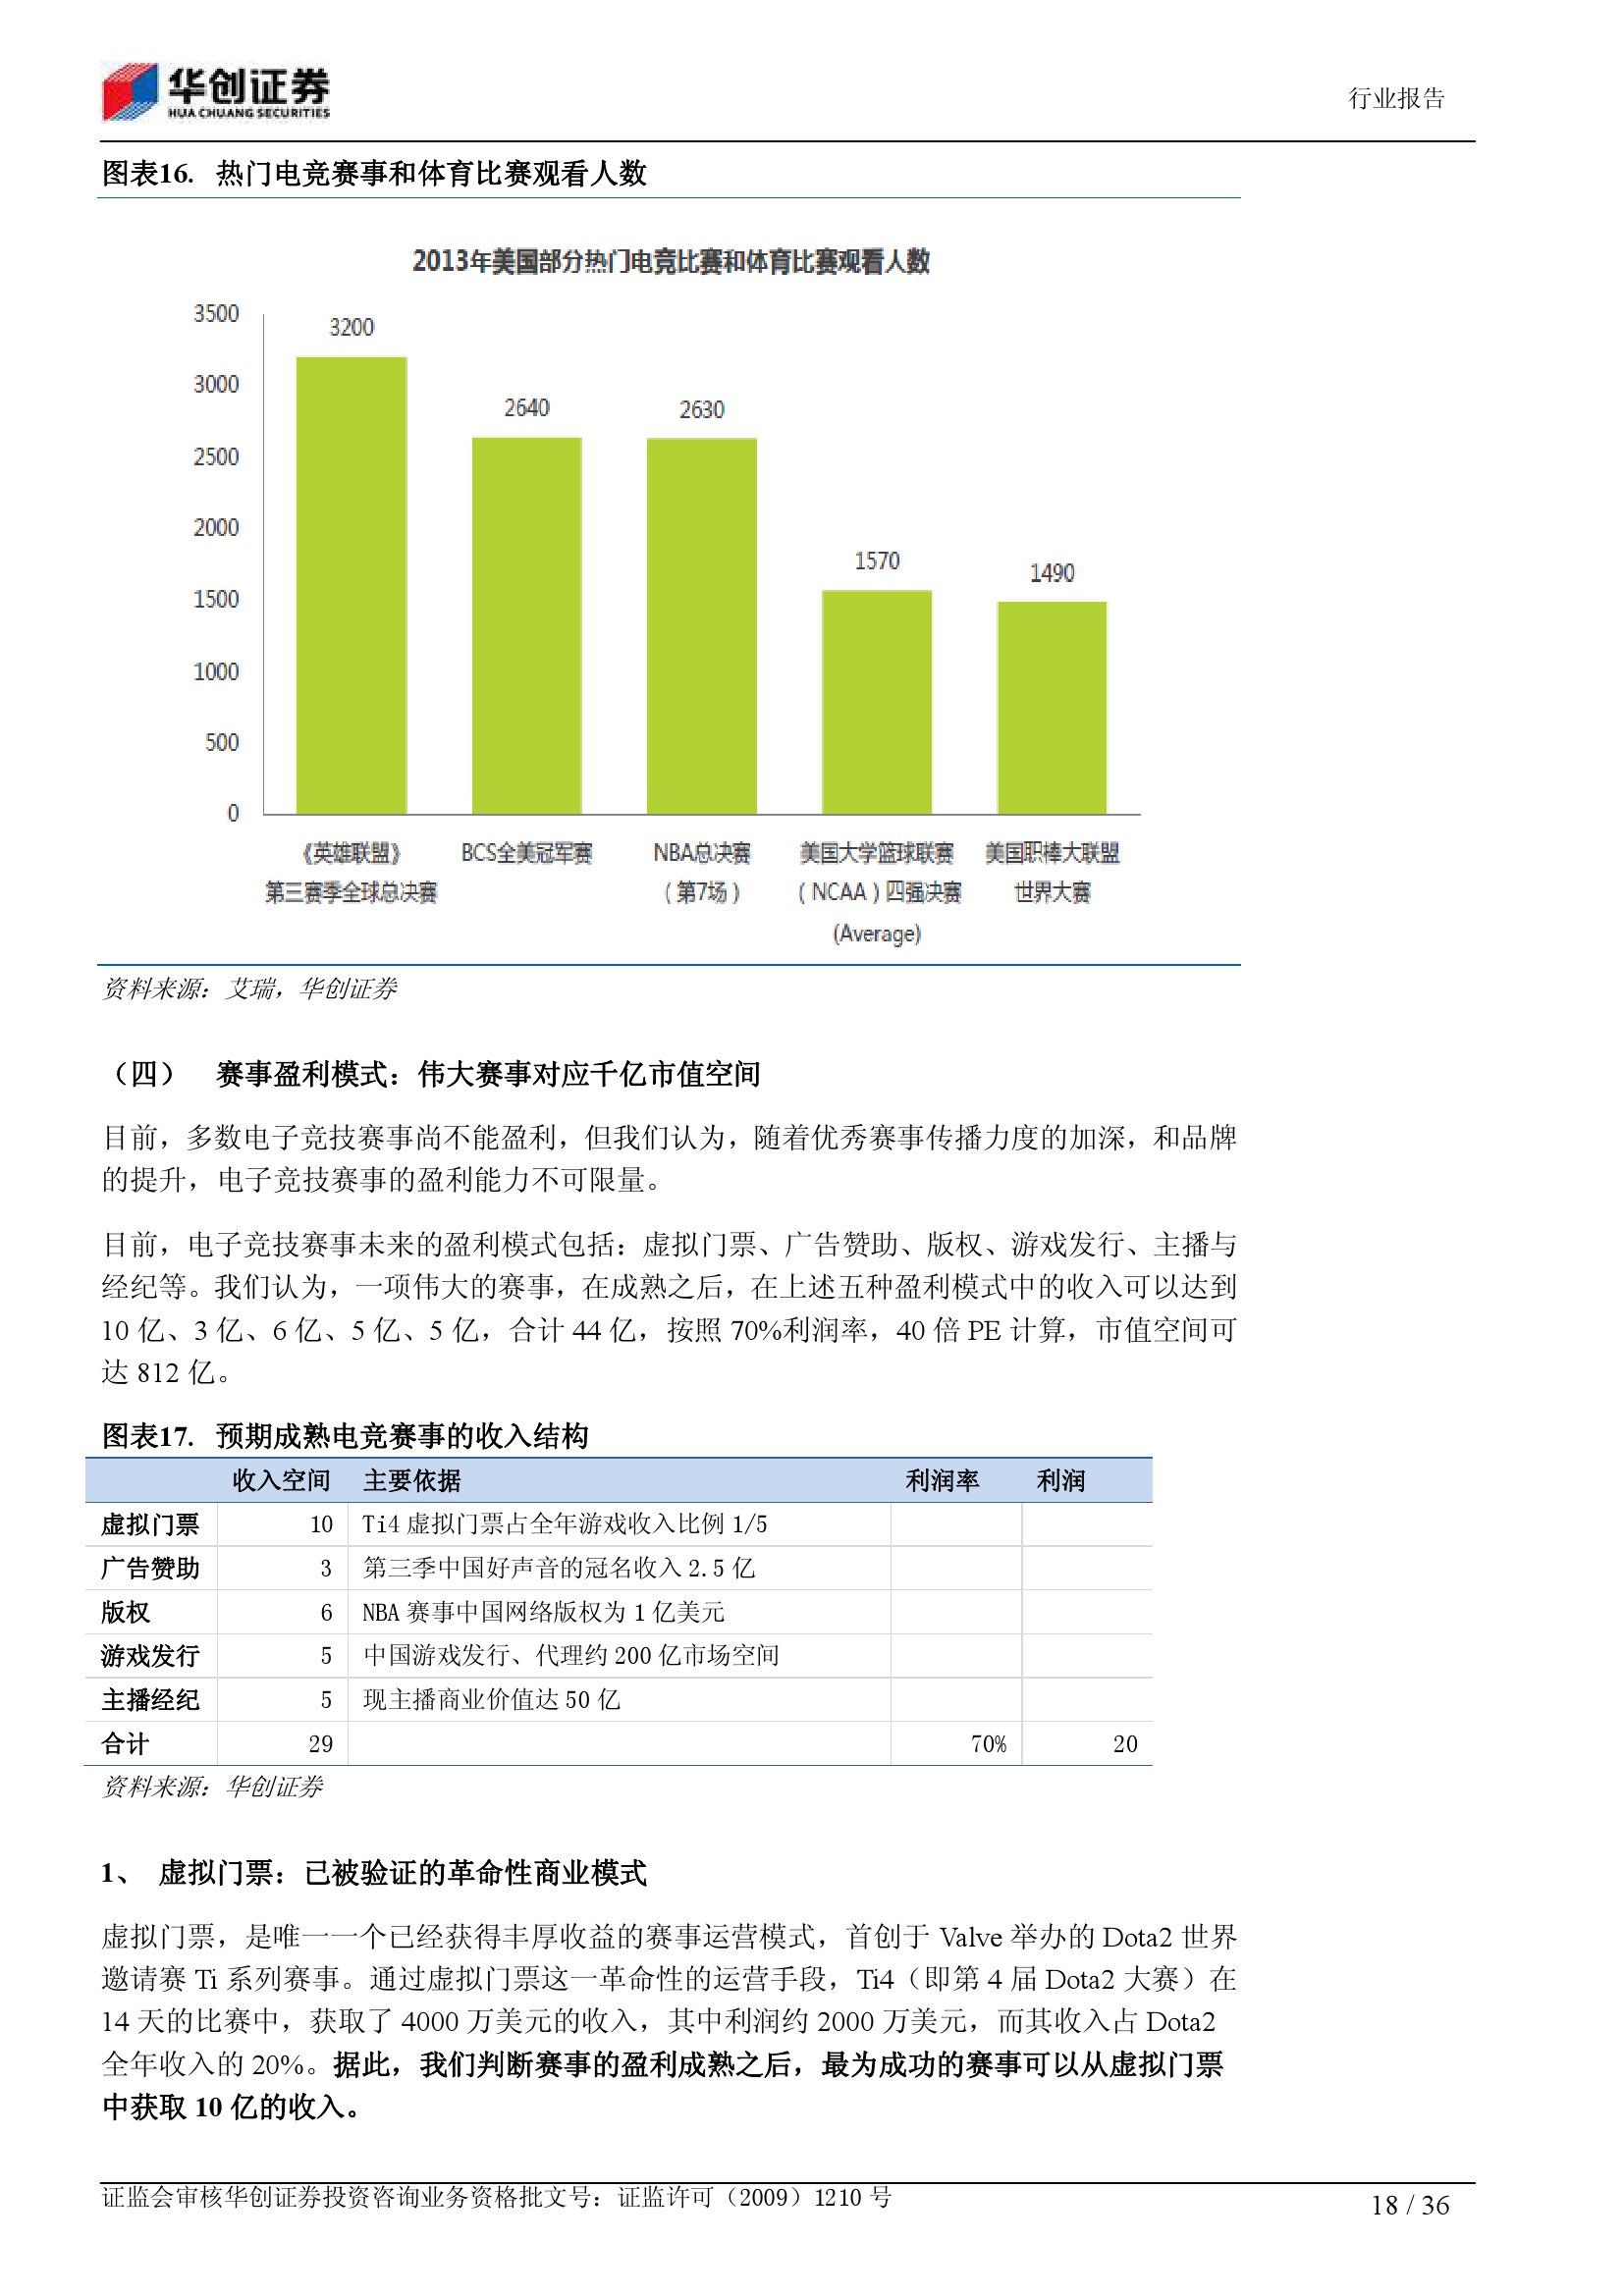 电子竞技深度报告:从小众娱乐 到千亿产业_000018